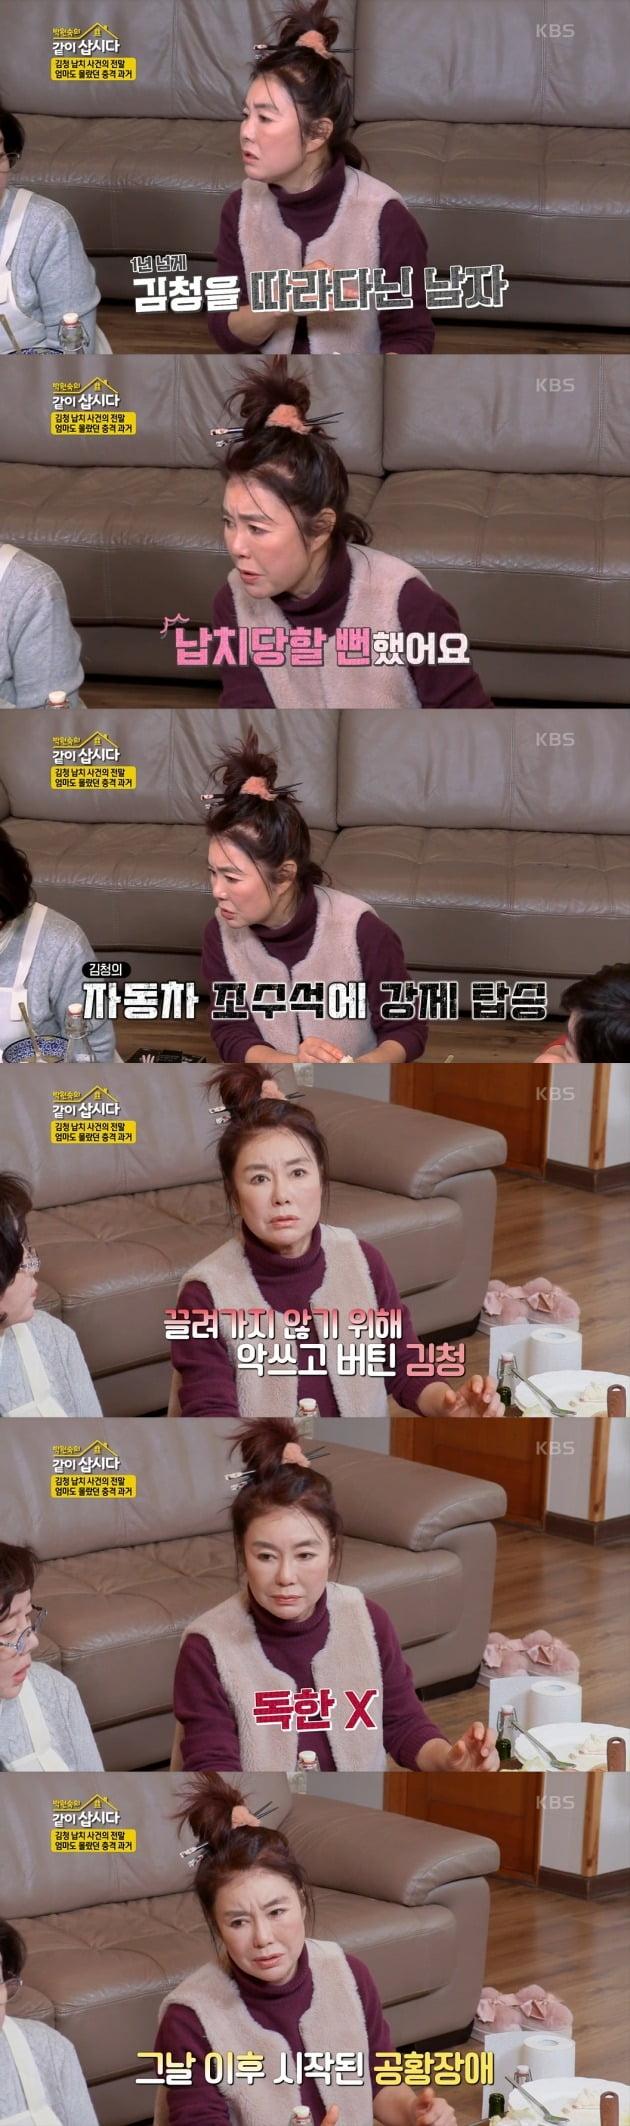 배우 김청이 납치사건의 전말을 밝혔다. / 사진=KBS2 '박원숙의 같이삽시다' 방송 캡처